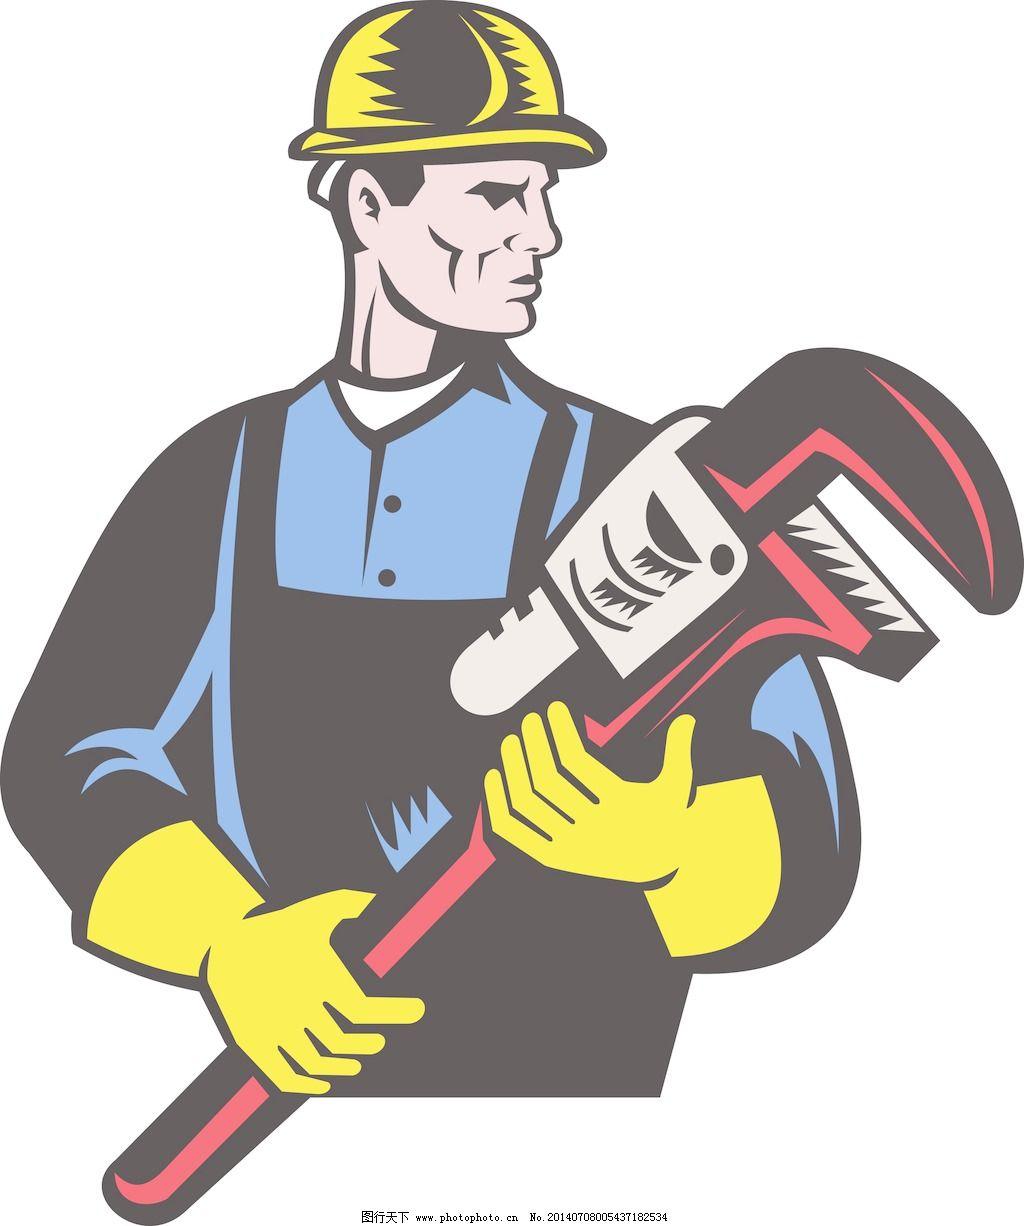 水管工修理工拿着扳手